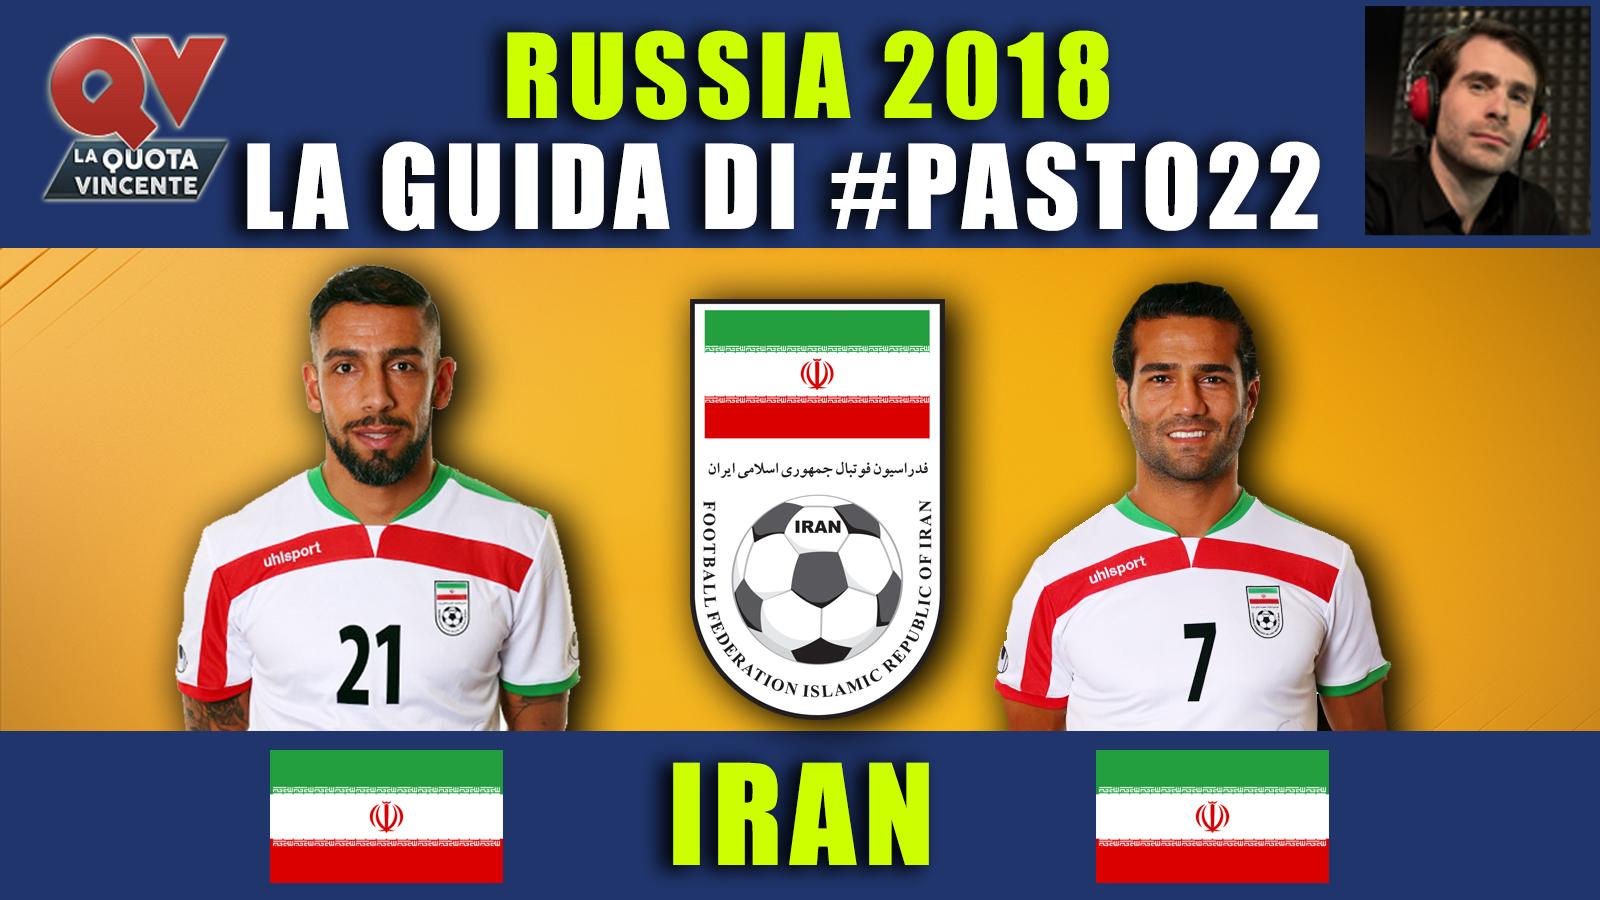 Guida Mondiali Russia 2018 Iran